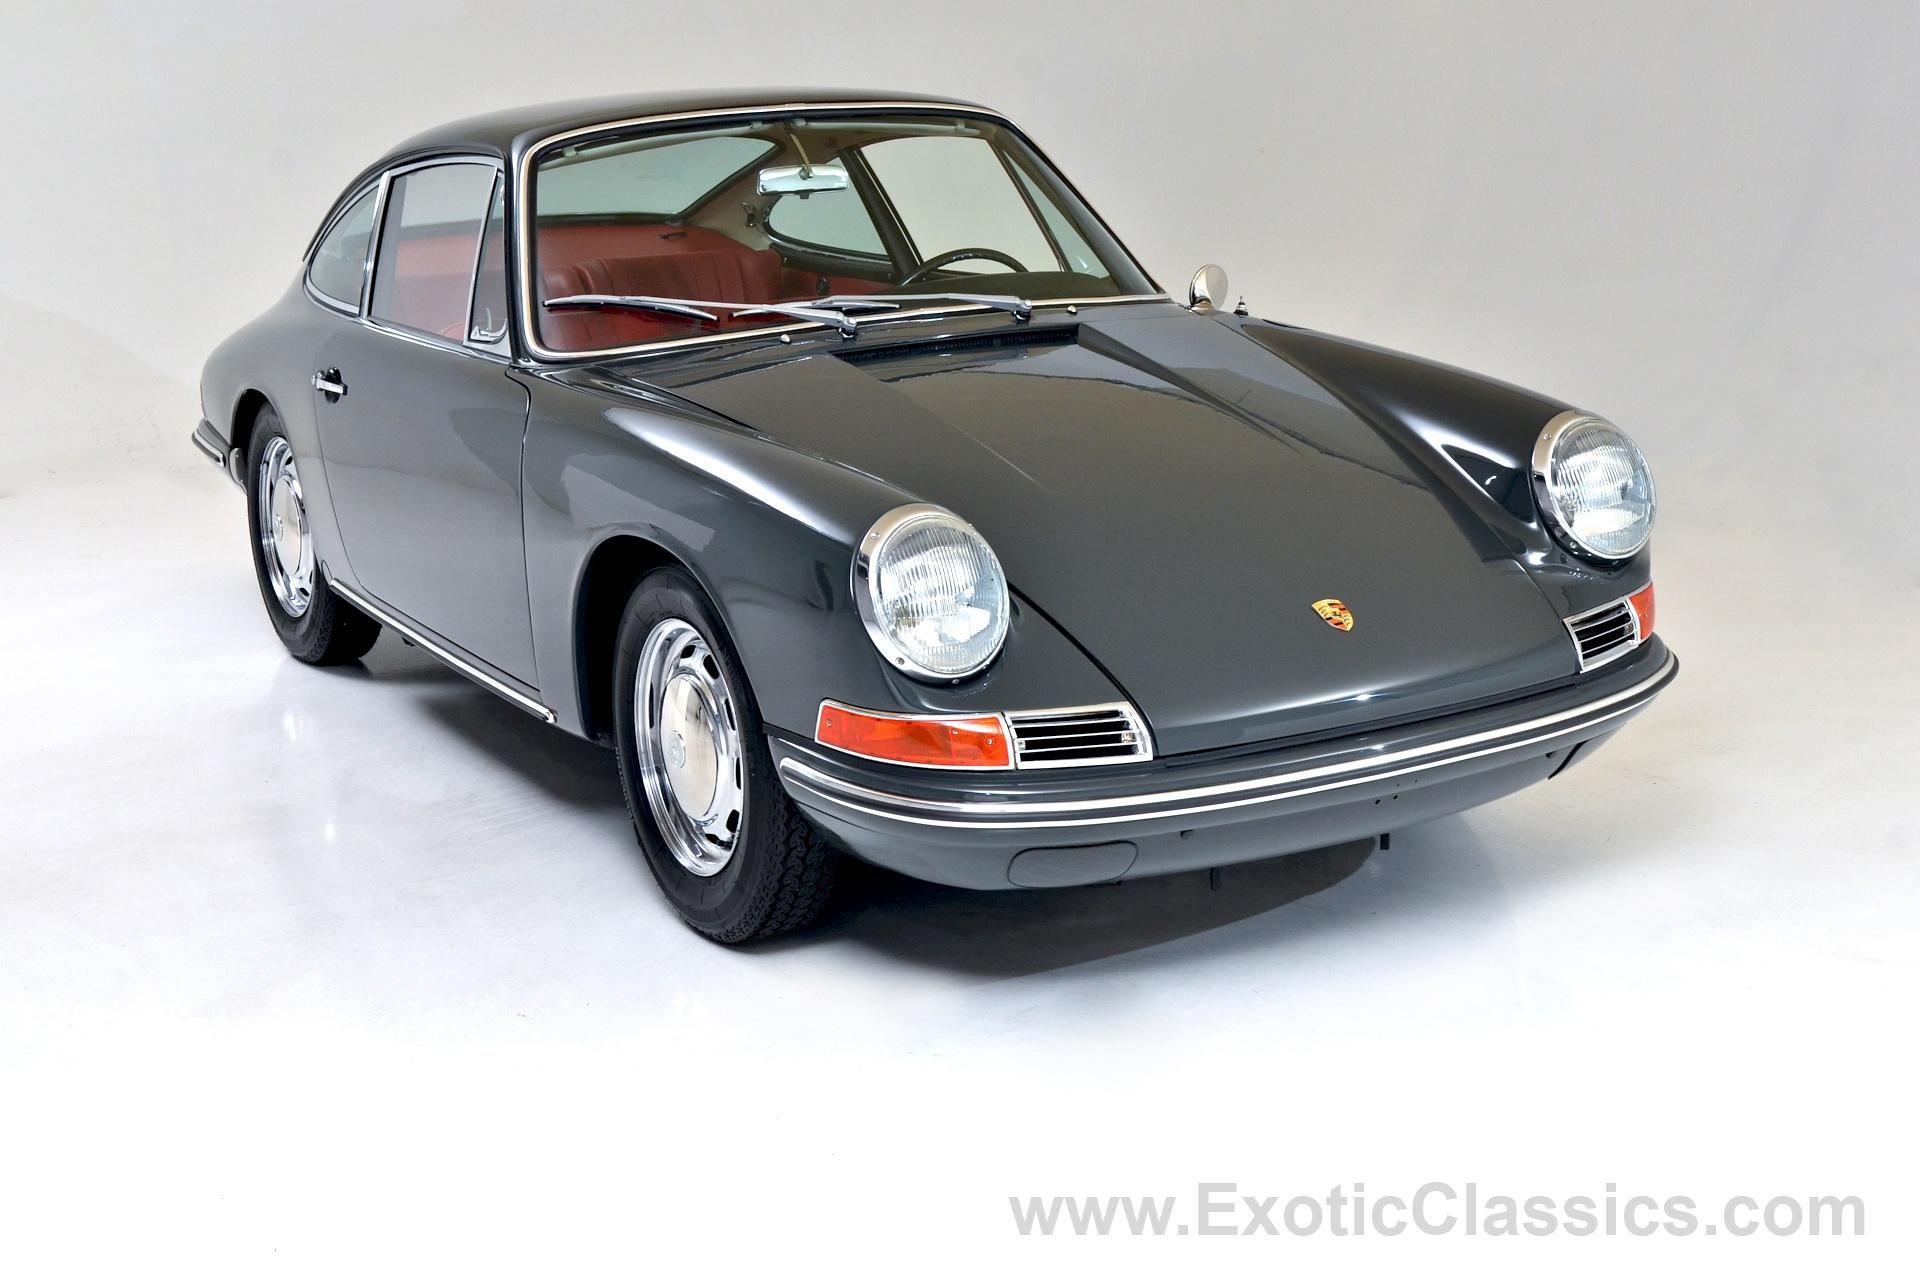 1967 Porsche 912 Coupe Slate Grey Porsche 912 Porsche Classic Cars